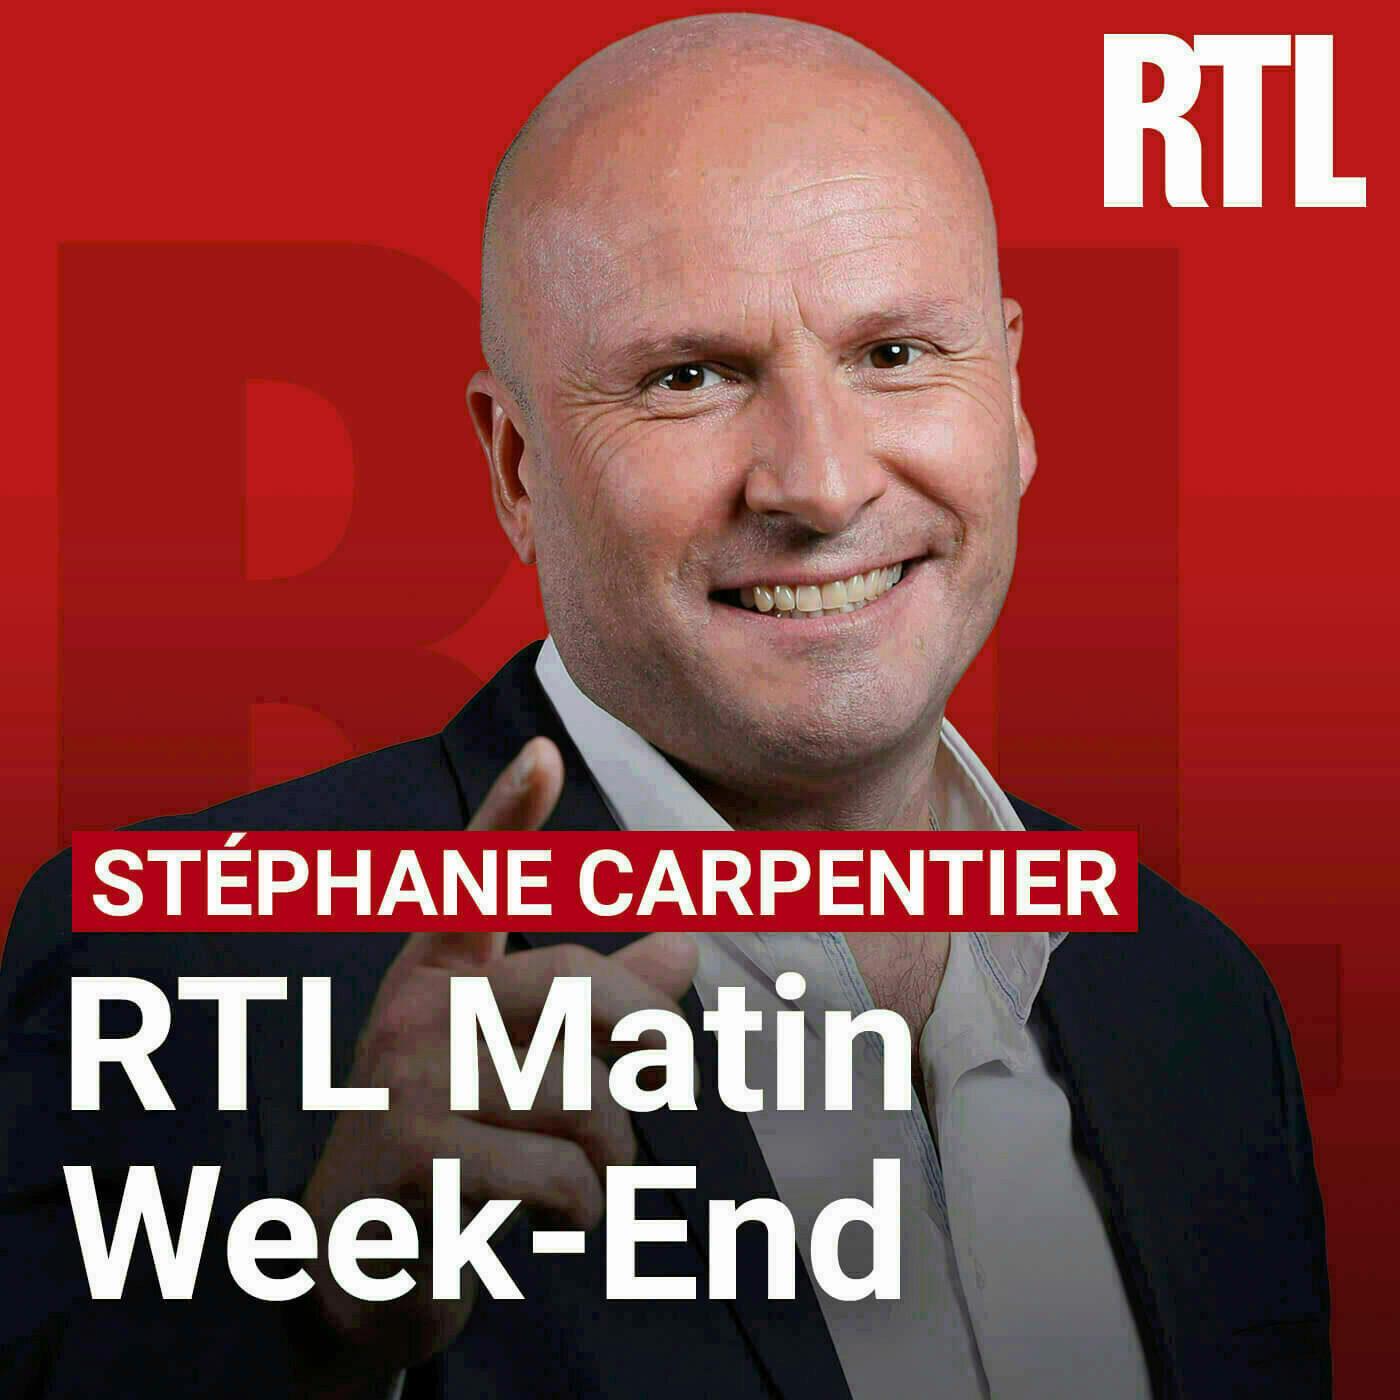 Image 1: RTL Matin Week end